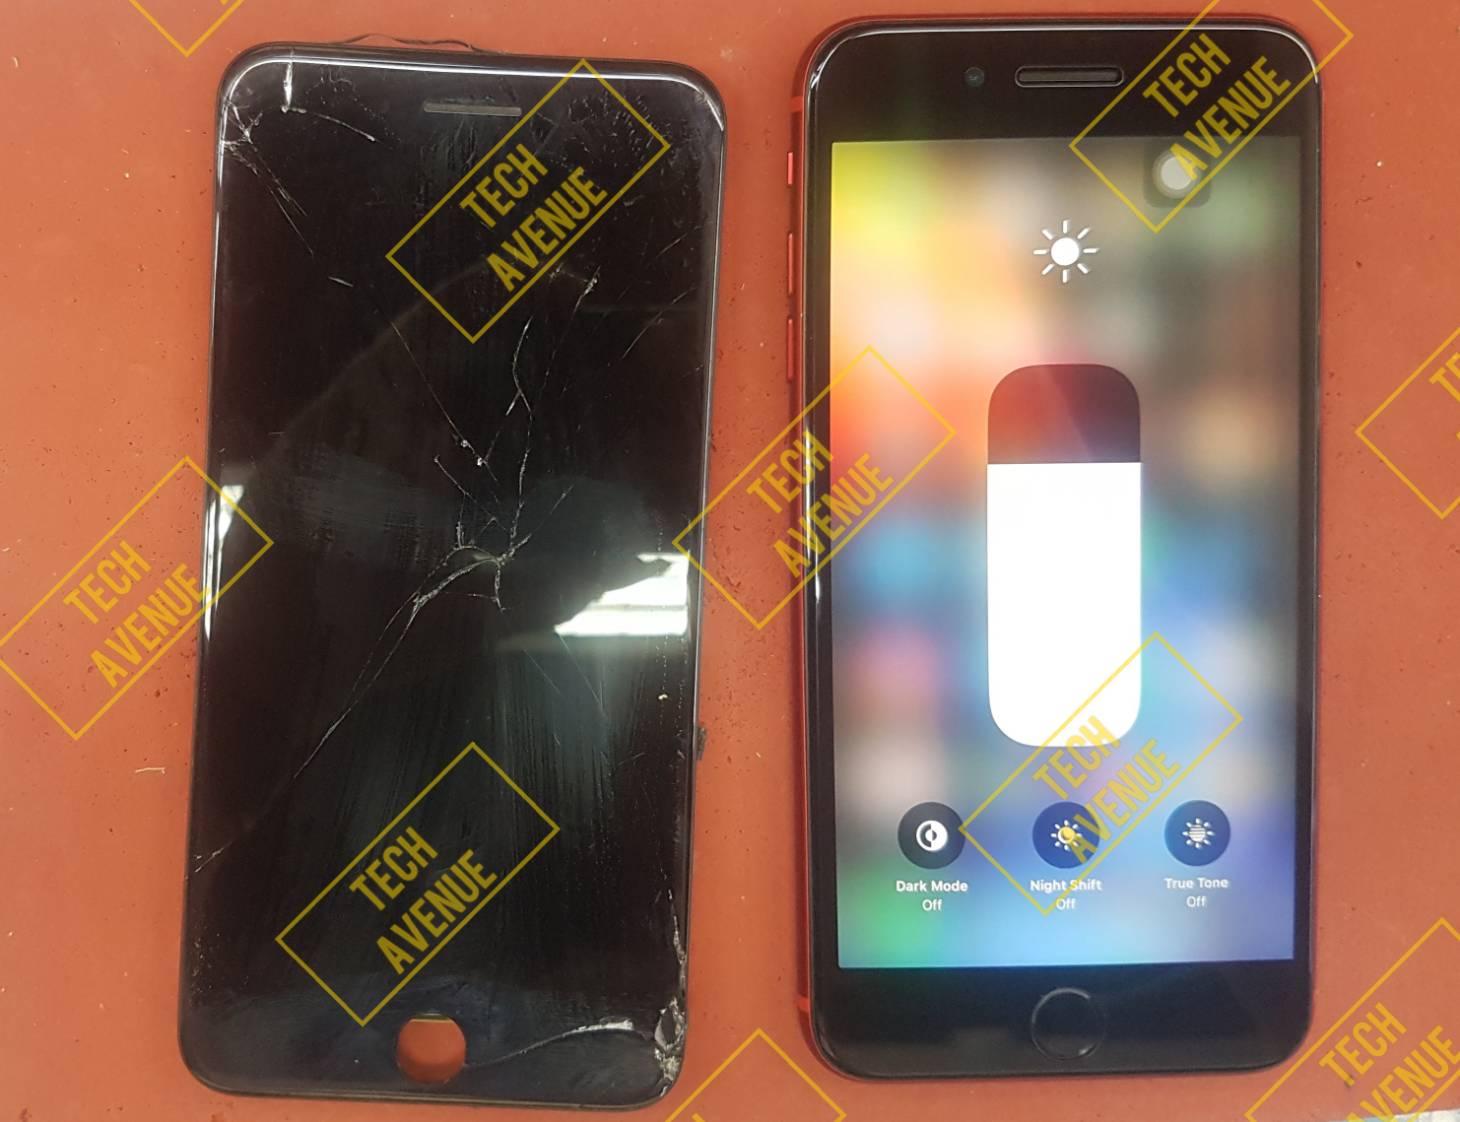 iPhone (ไอโฟน) 8 Plus ทัชสกรีนไม่ได้ ซ่อมร้านไหนดี รอรับเลย!!